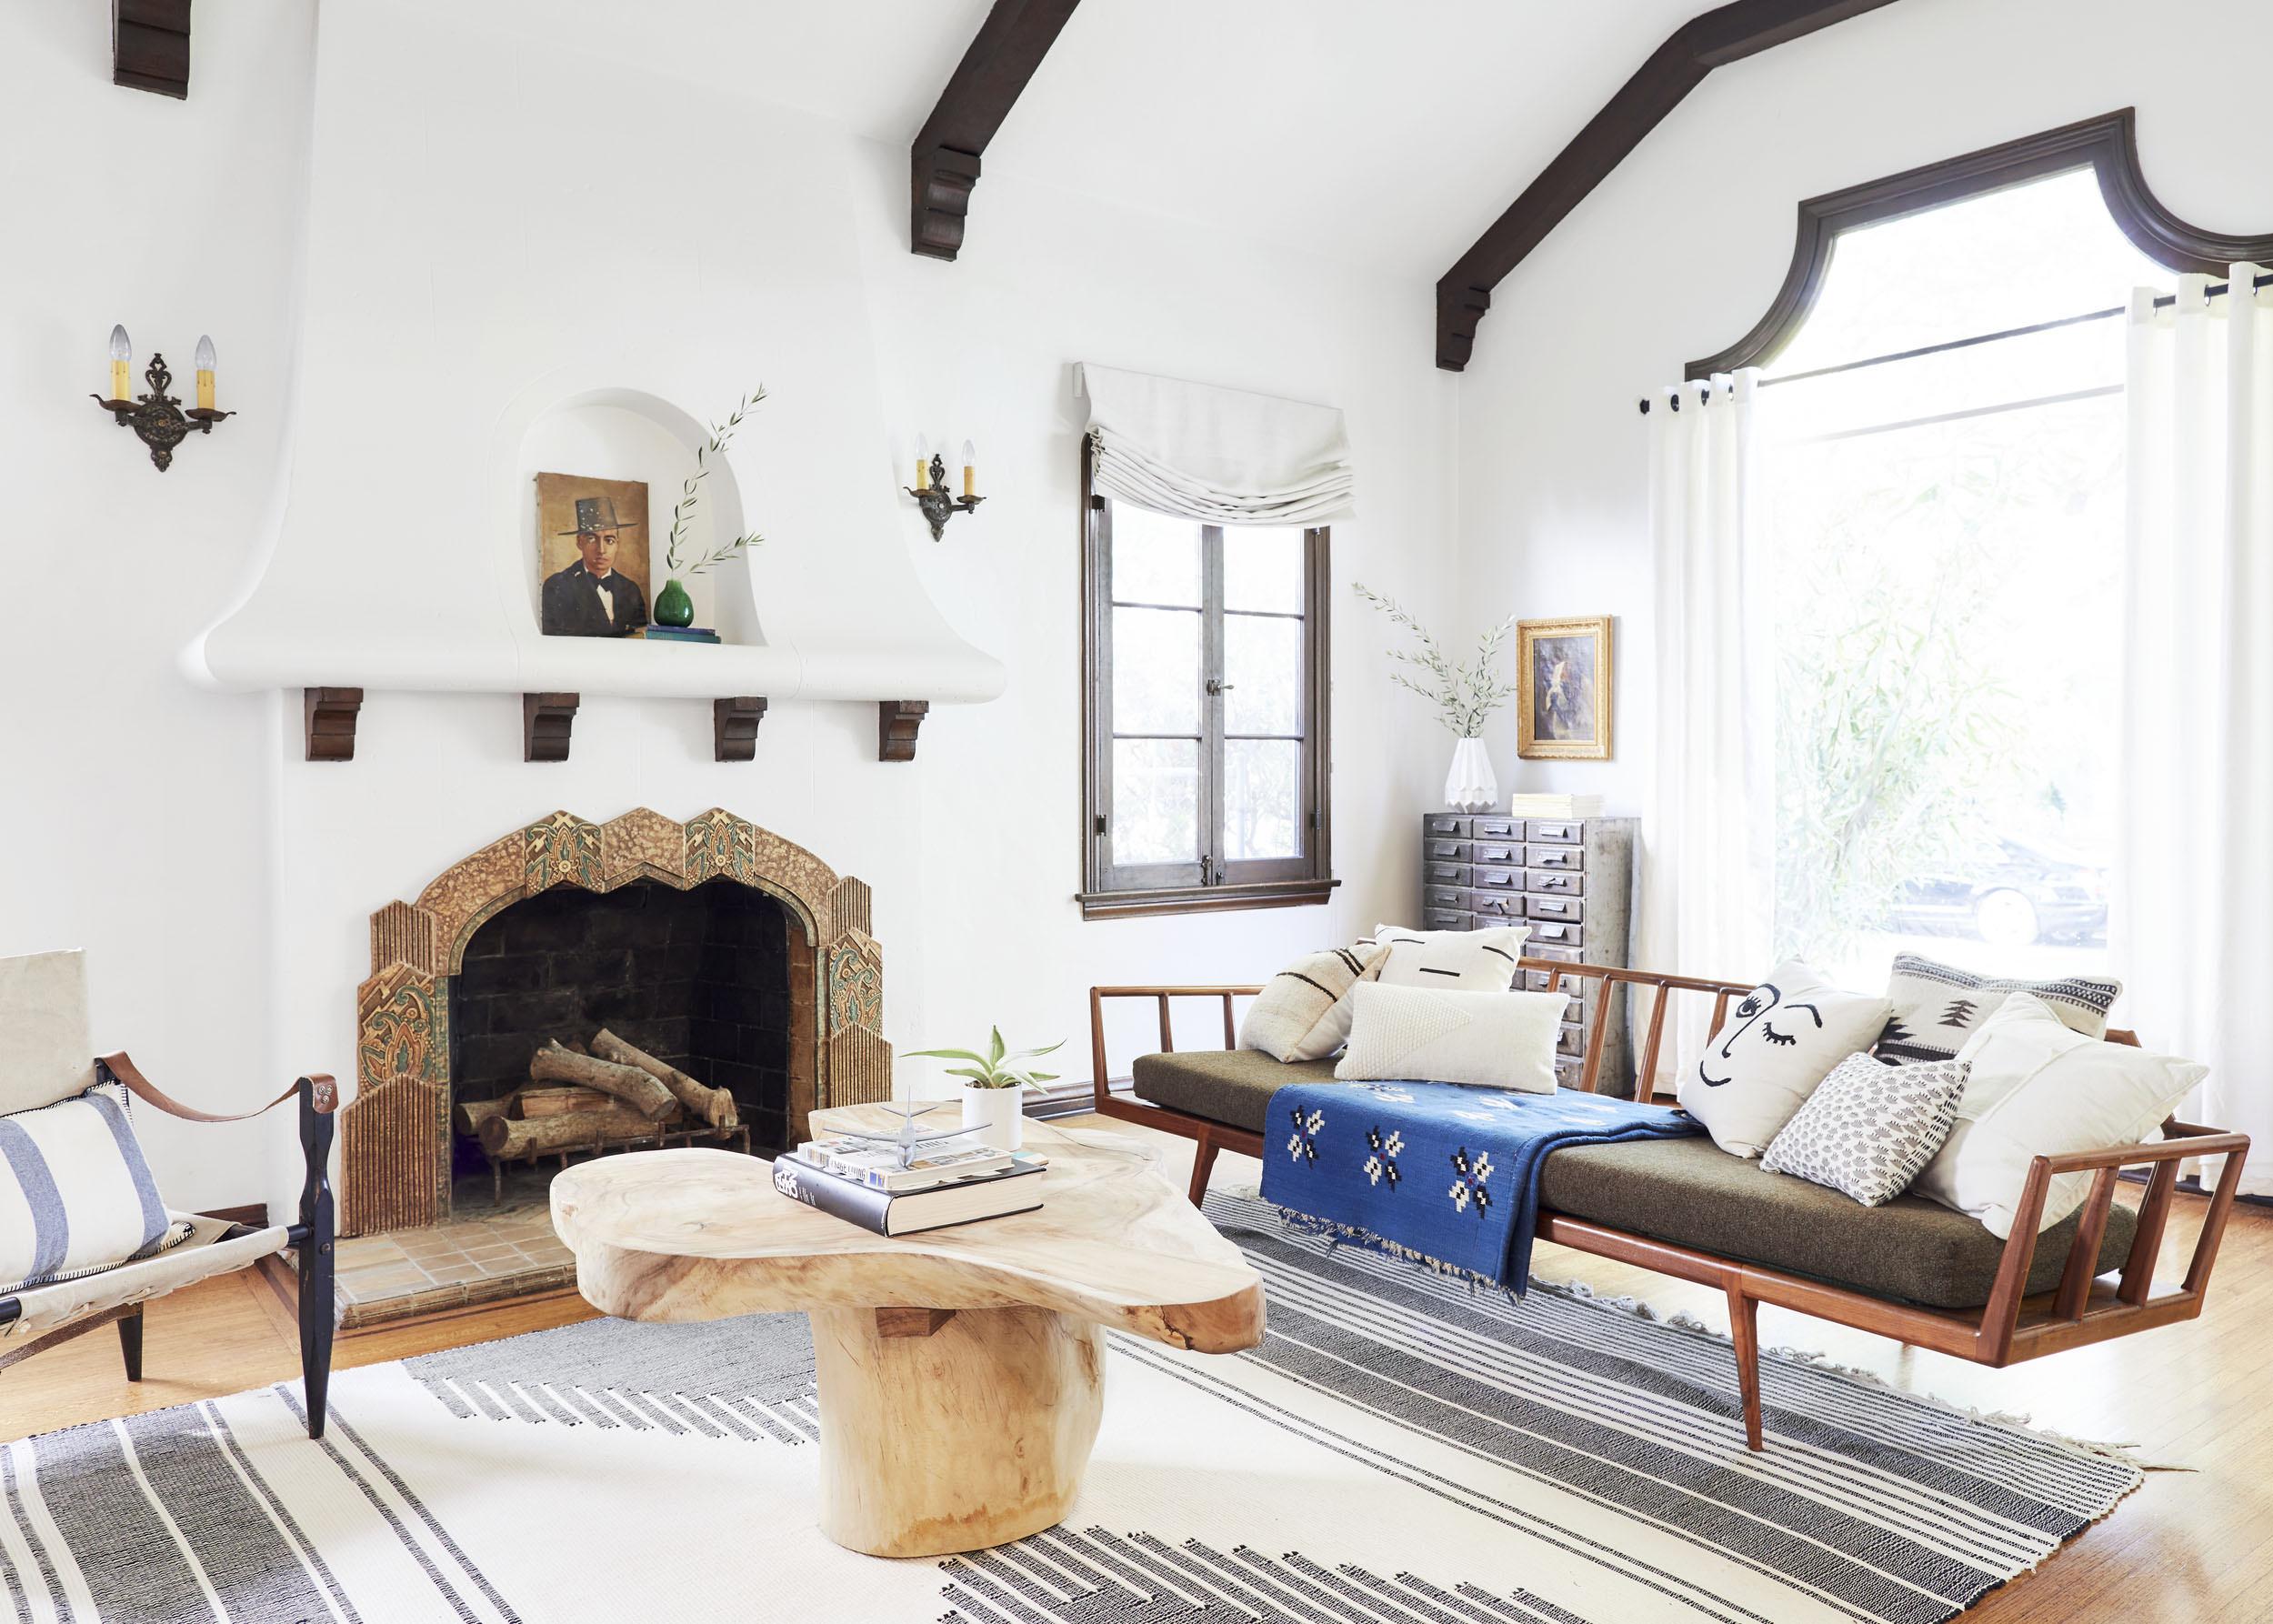 7 mẹo trang trí khiến ngôi nhà trở nên độc đáo